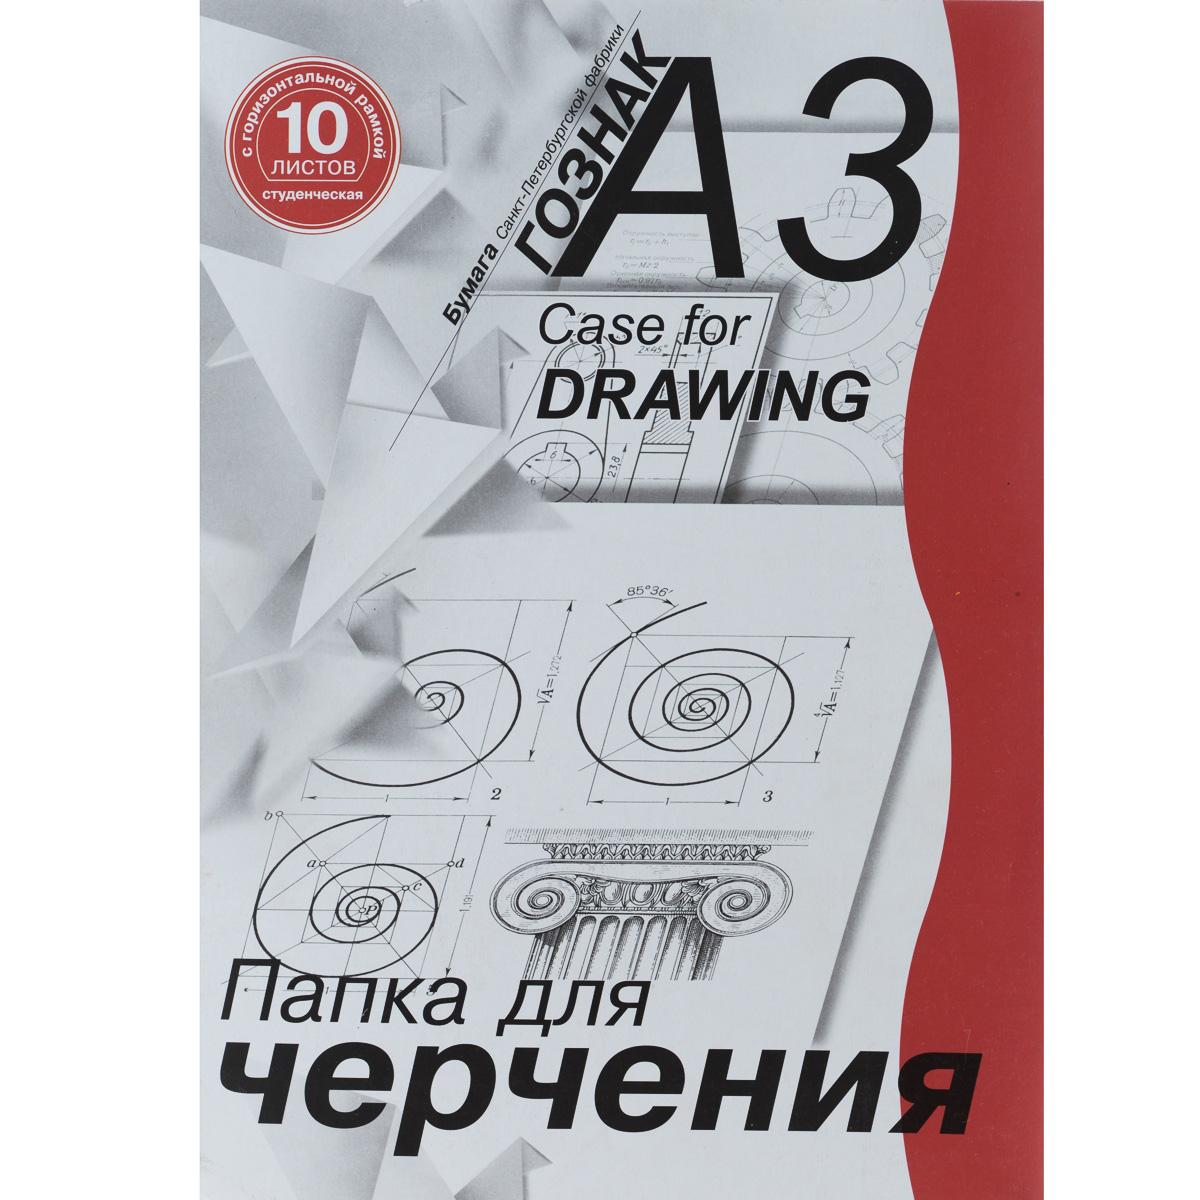 Папка для черчения Гознак, с горизонтальной рамкой, 10 листов, формат А3 апплика папка для черчения формата а3 10 листов с вертикальным штампом обложка ми 26